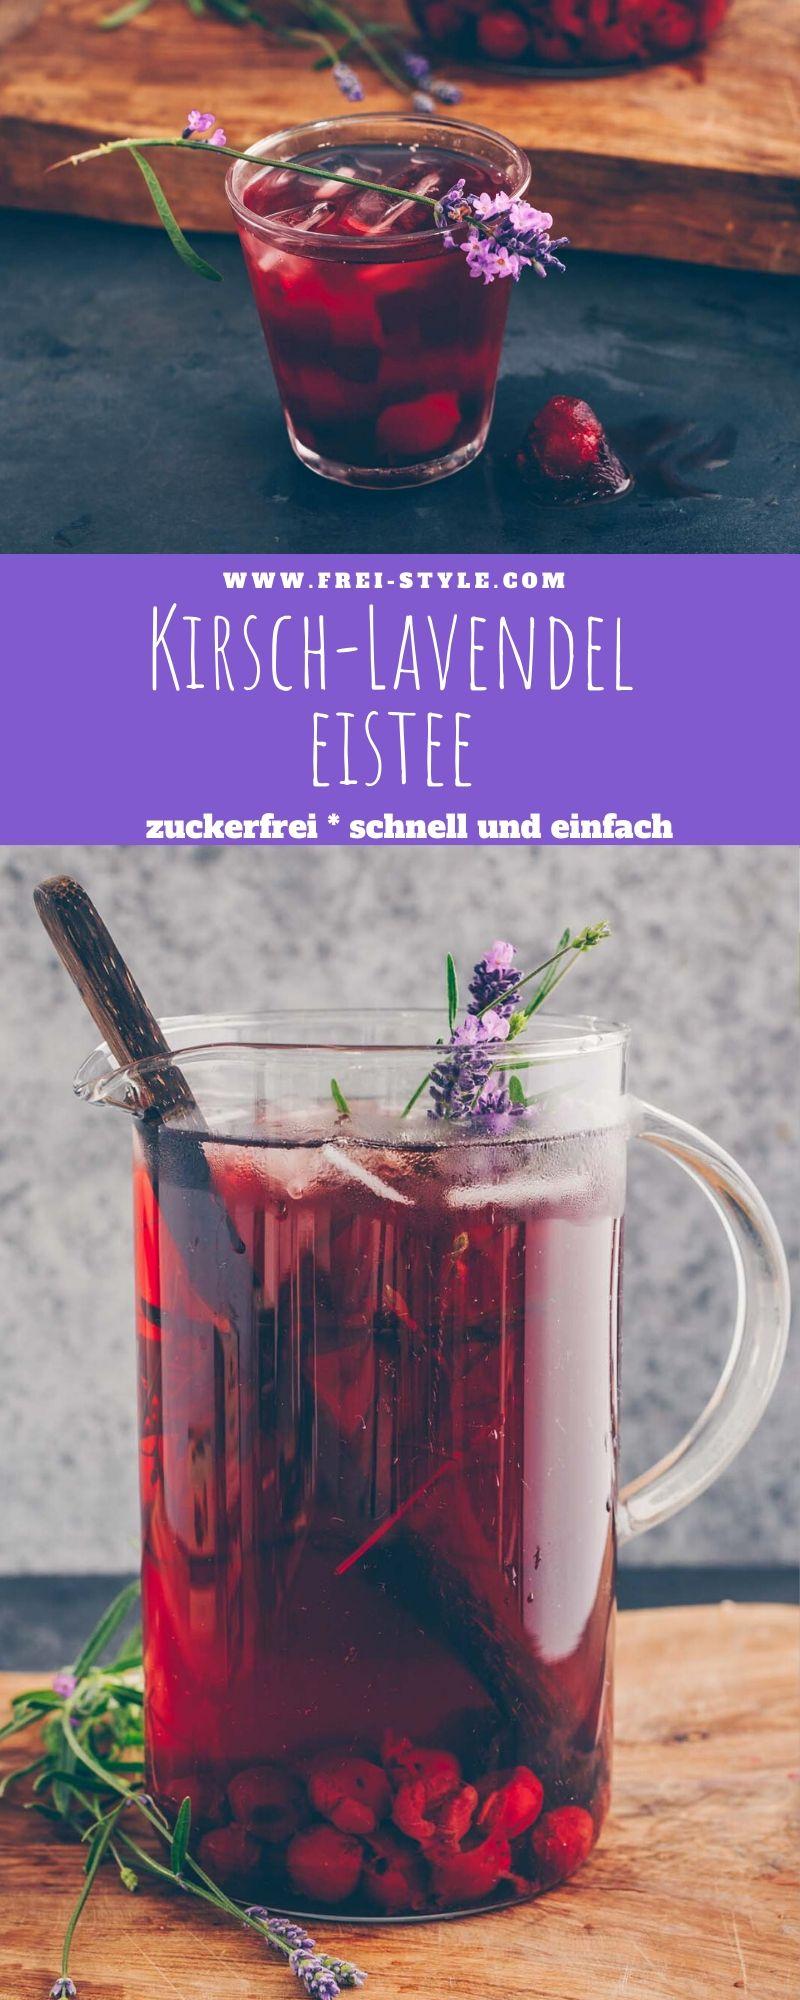 Kirsch Lavendel Eistee * zuckerfrei